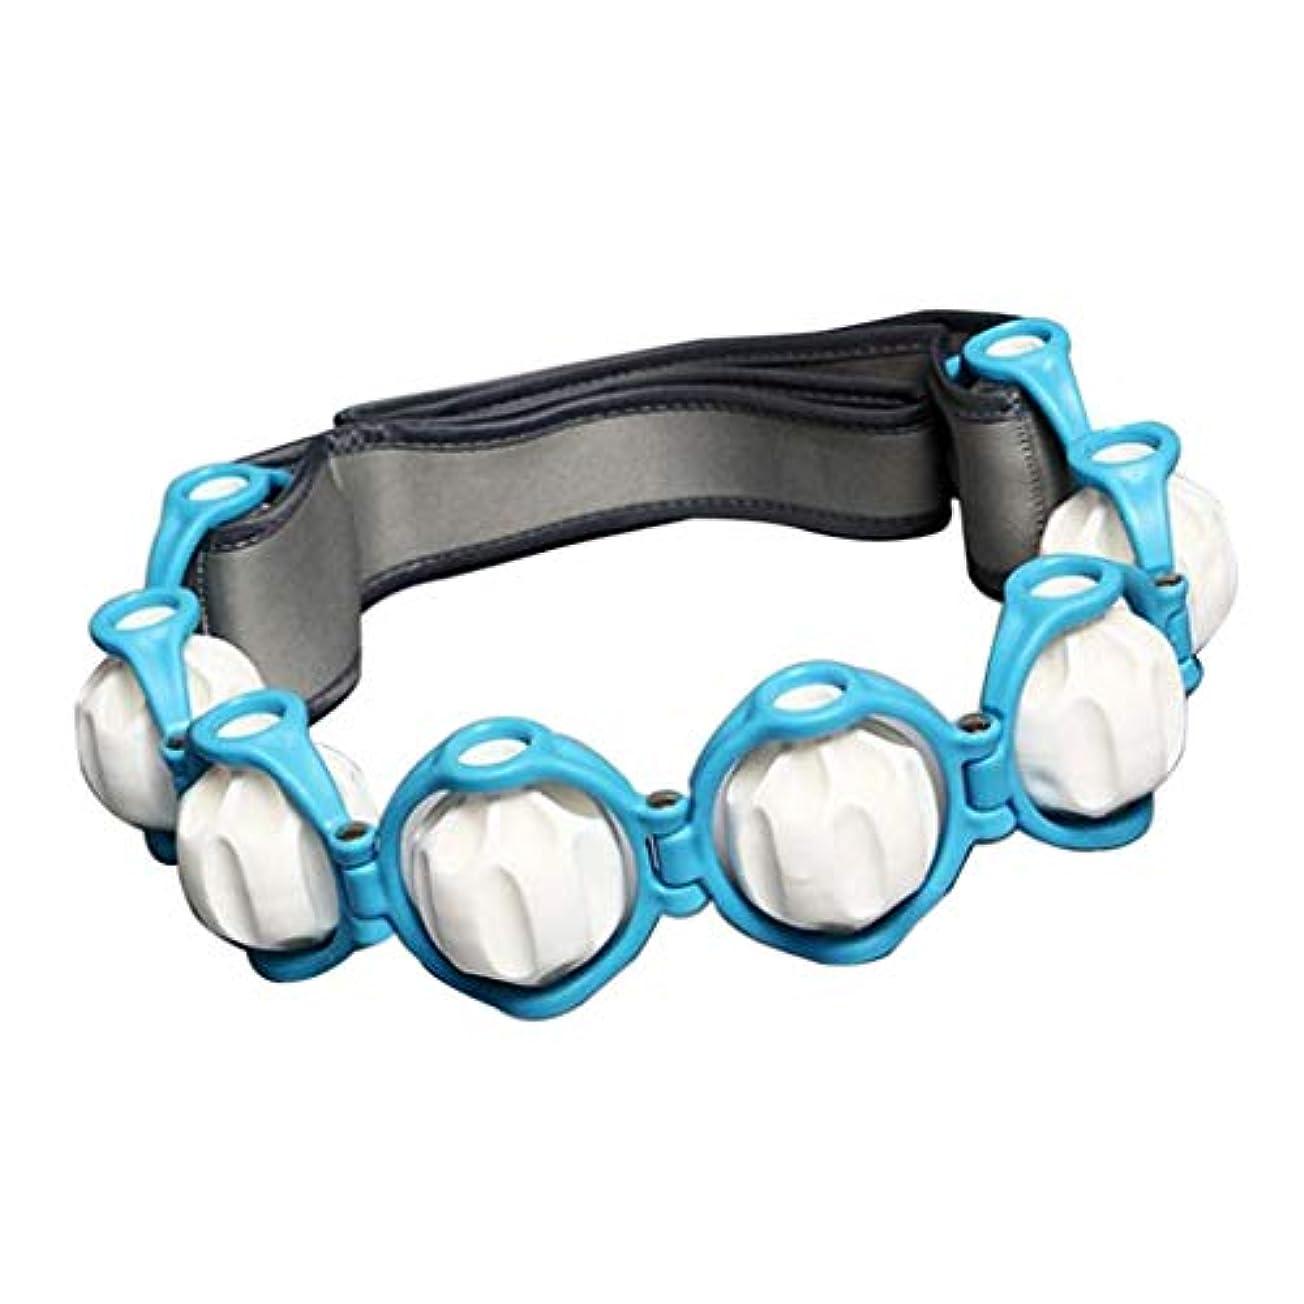 タイプ透過性砂マッサージ ローラー ロープ付き 六つボール 4色選べ - 青, 説明したように